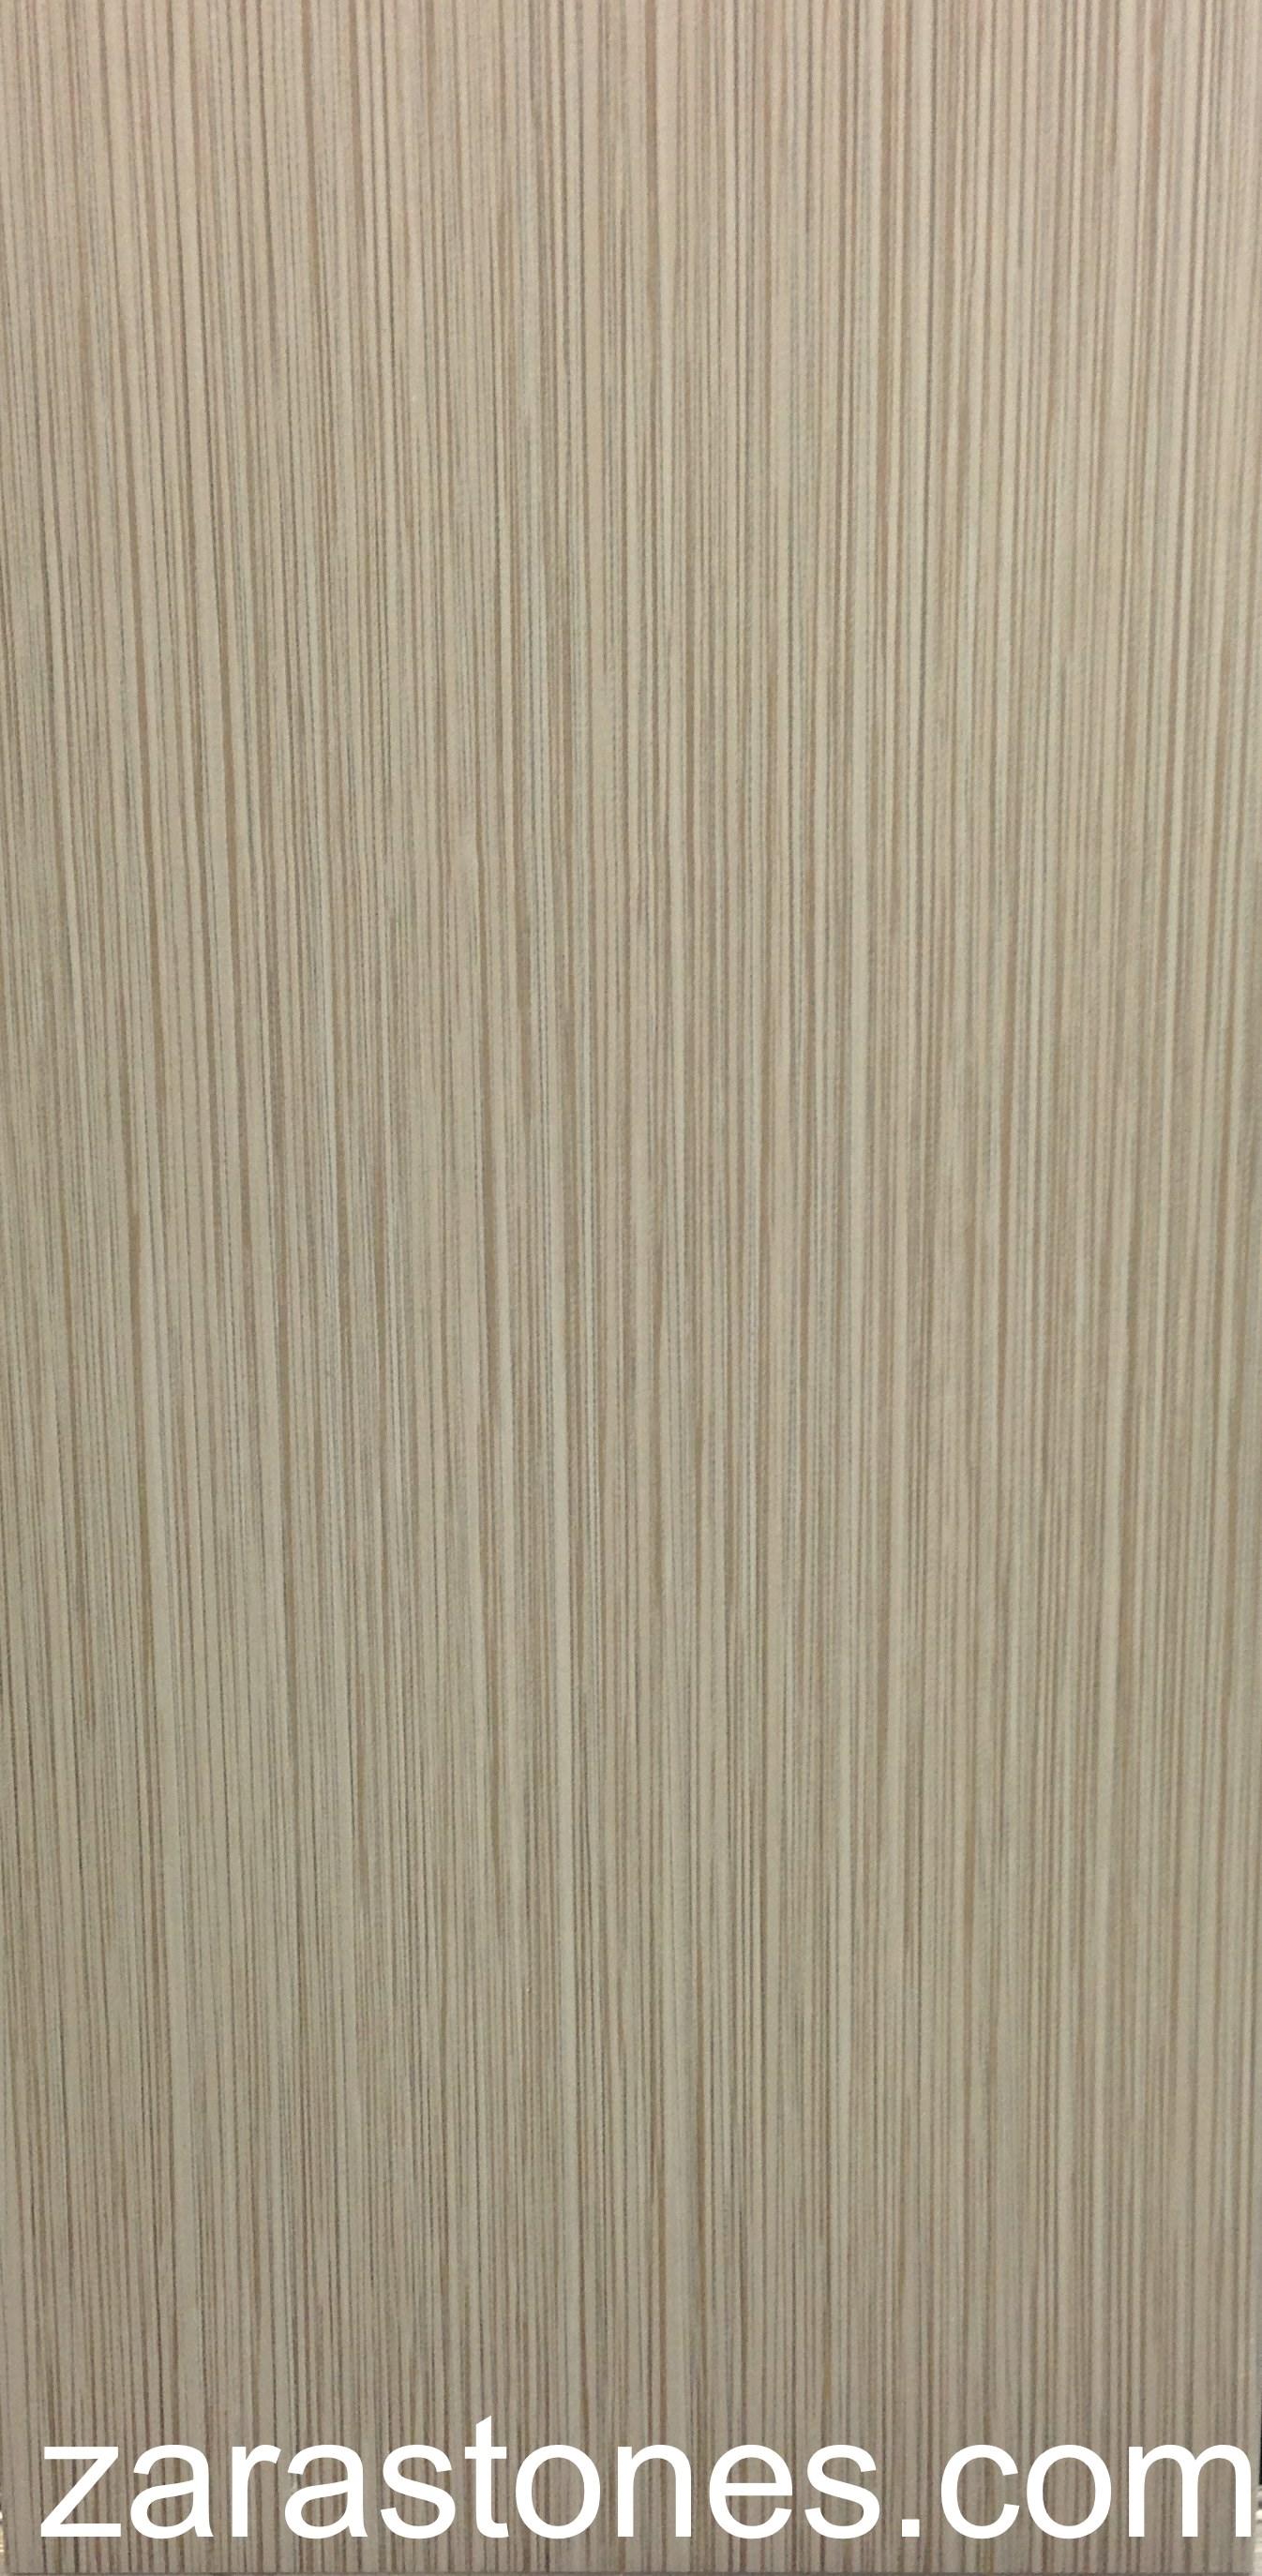 ceramic tiles porcelain tile travertine bolton kleinburg vaughan